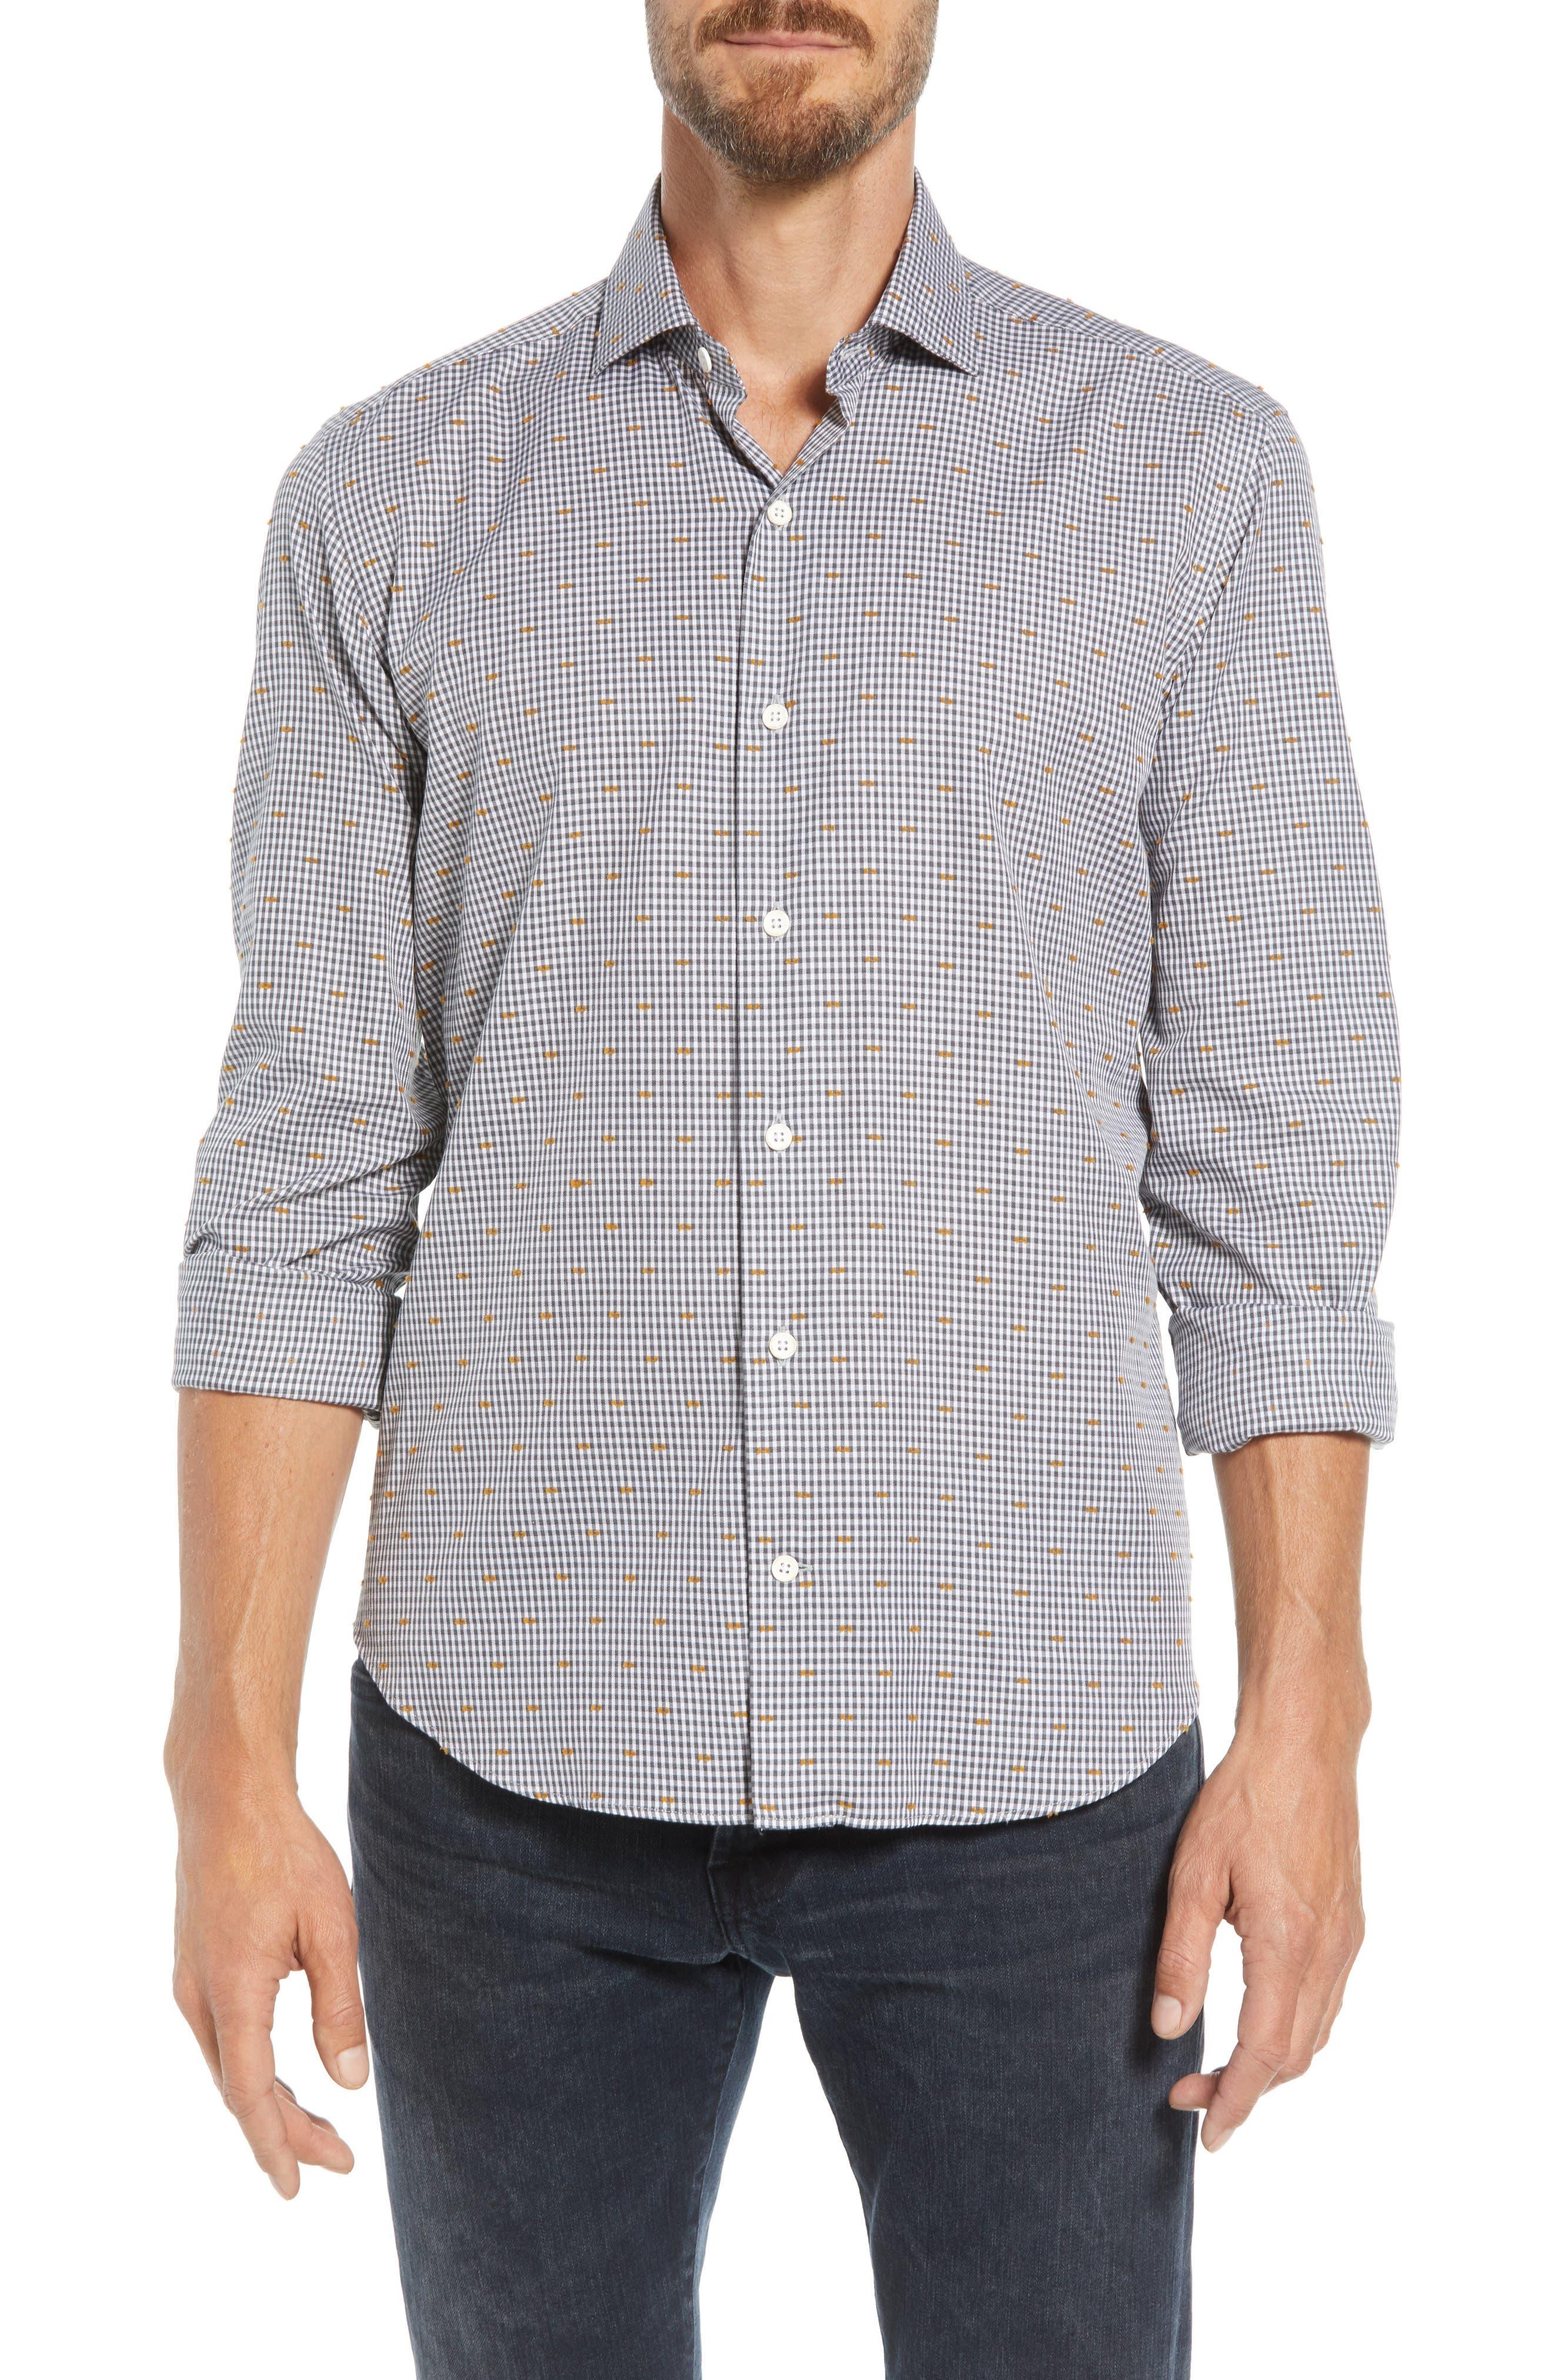 CULTURATA Coupé Dot Tailored Fit Gingham Sport Shirt, Main, color, 020